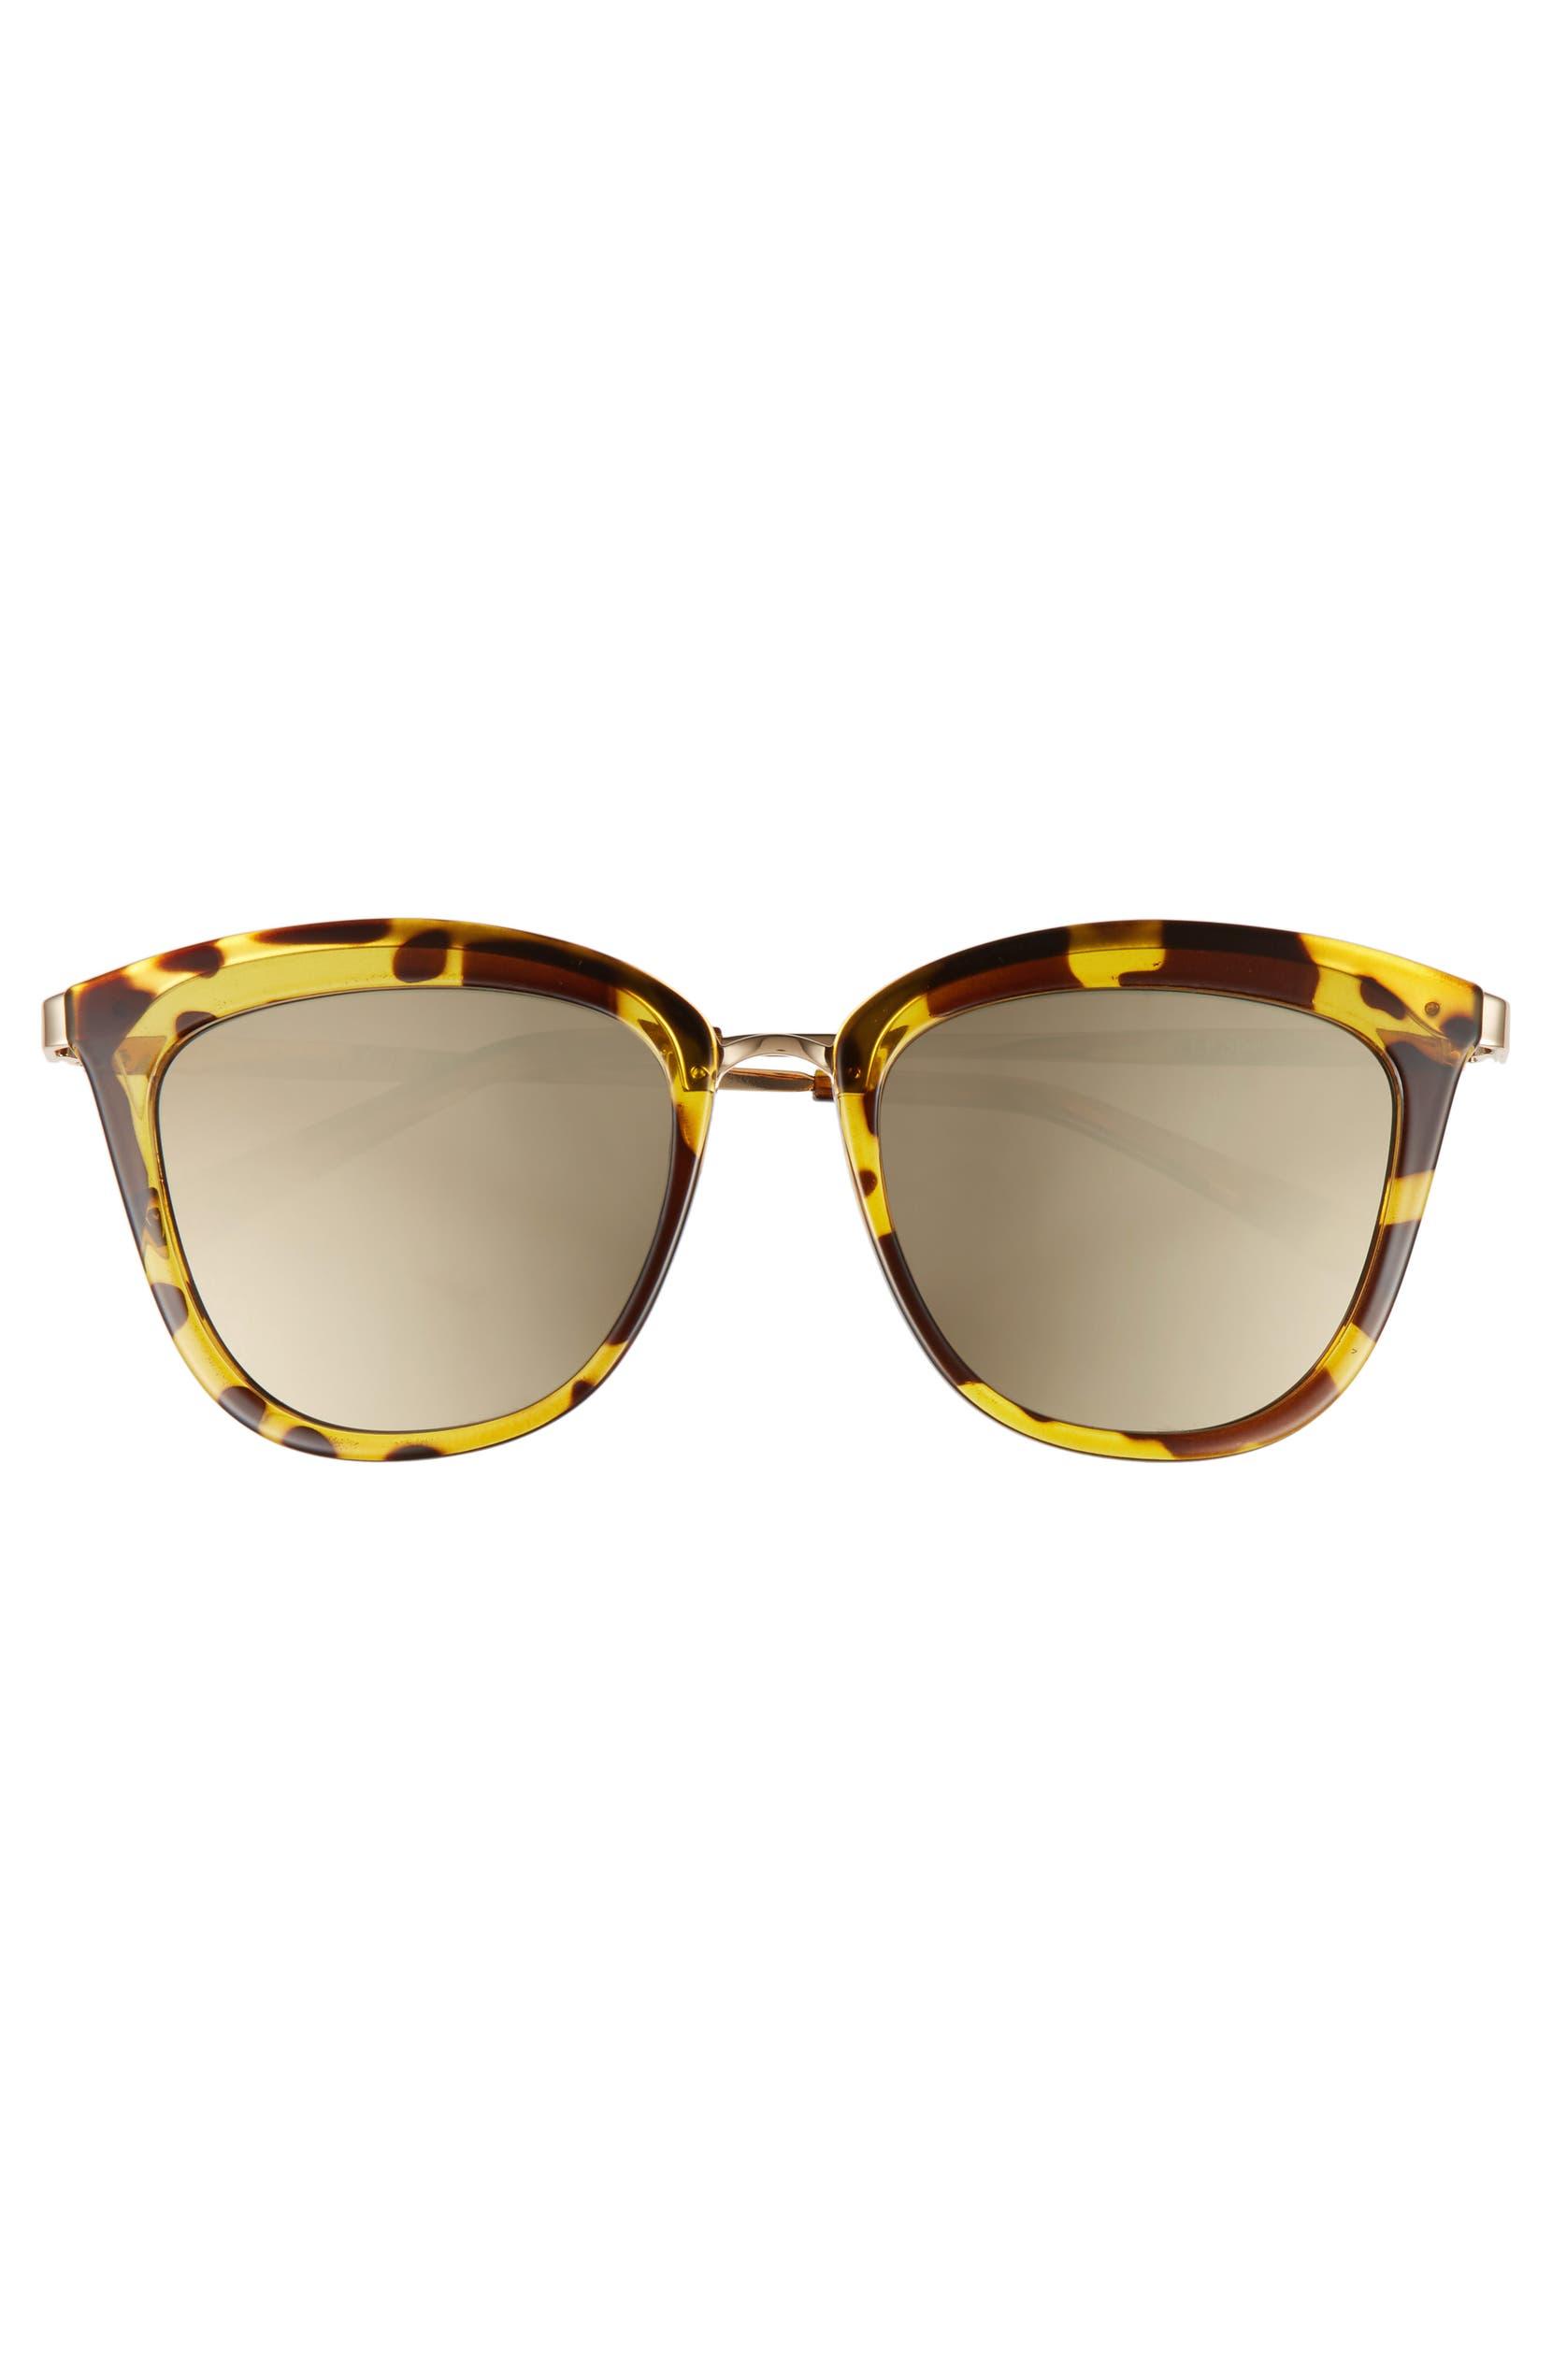 3fb7163d29 Le Specs Caliente 53mm Cat Eye Sunglasses